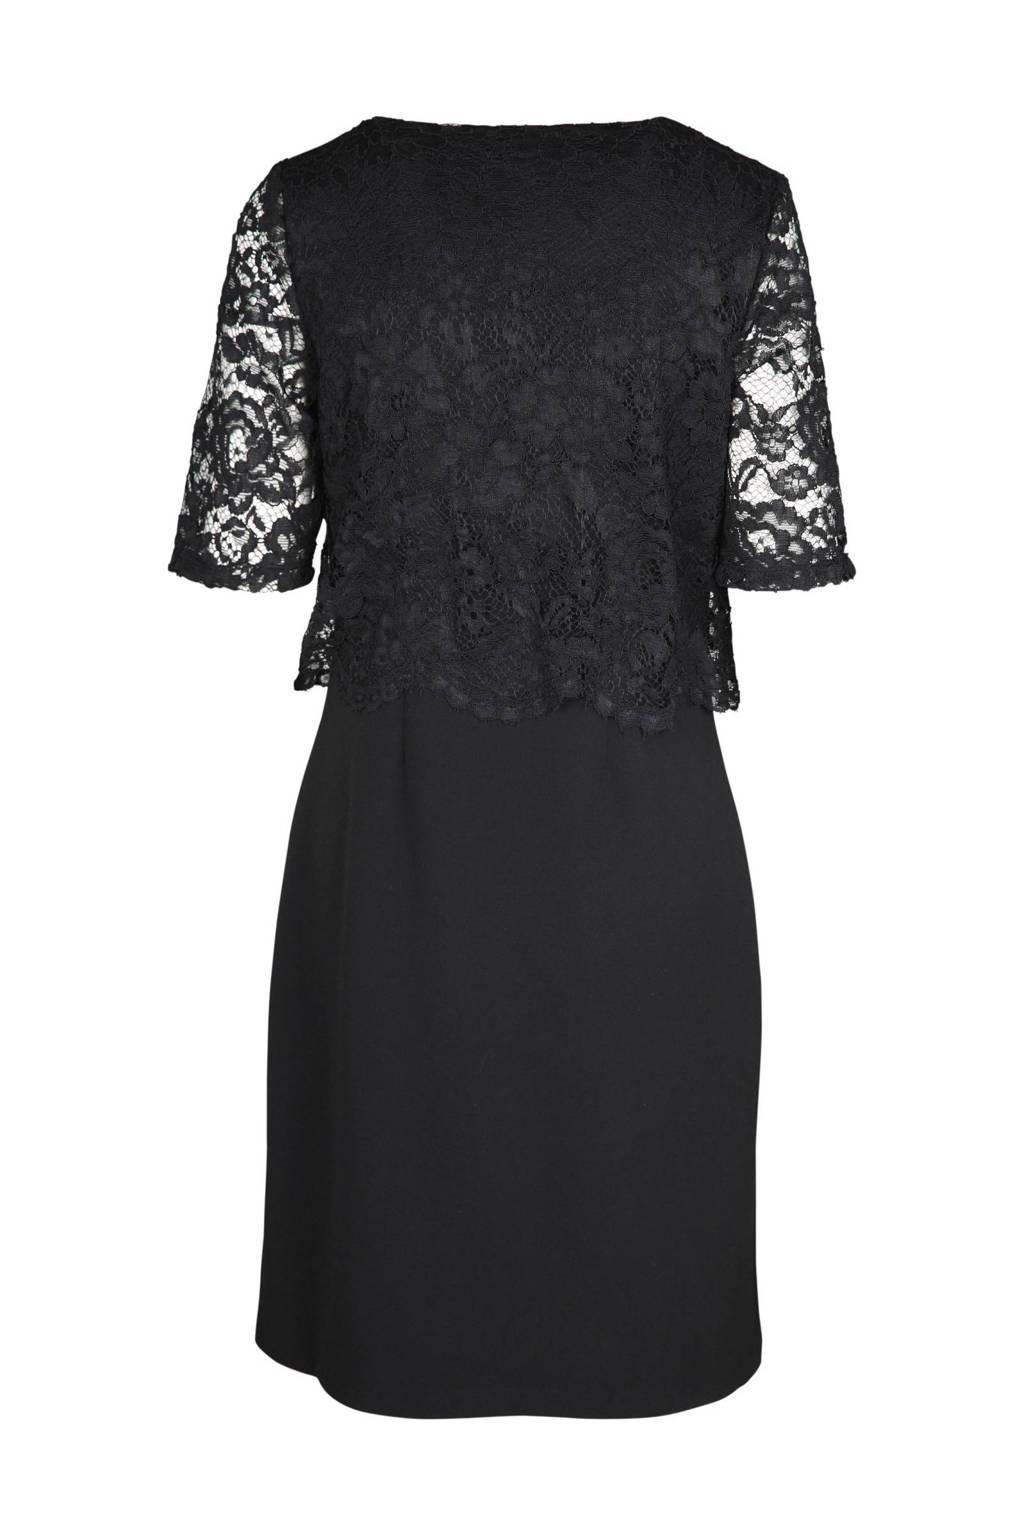 Cassis jurk met kant, Zwart